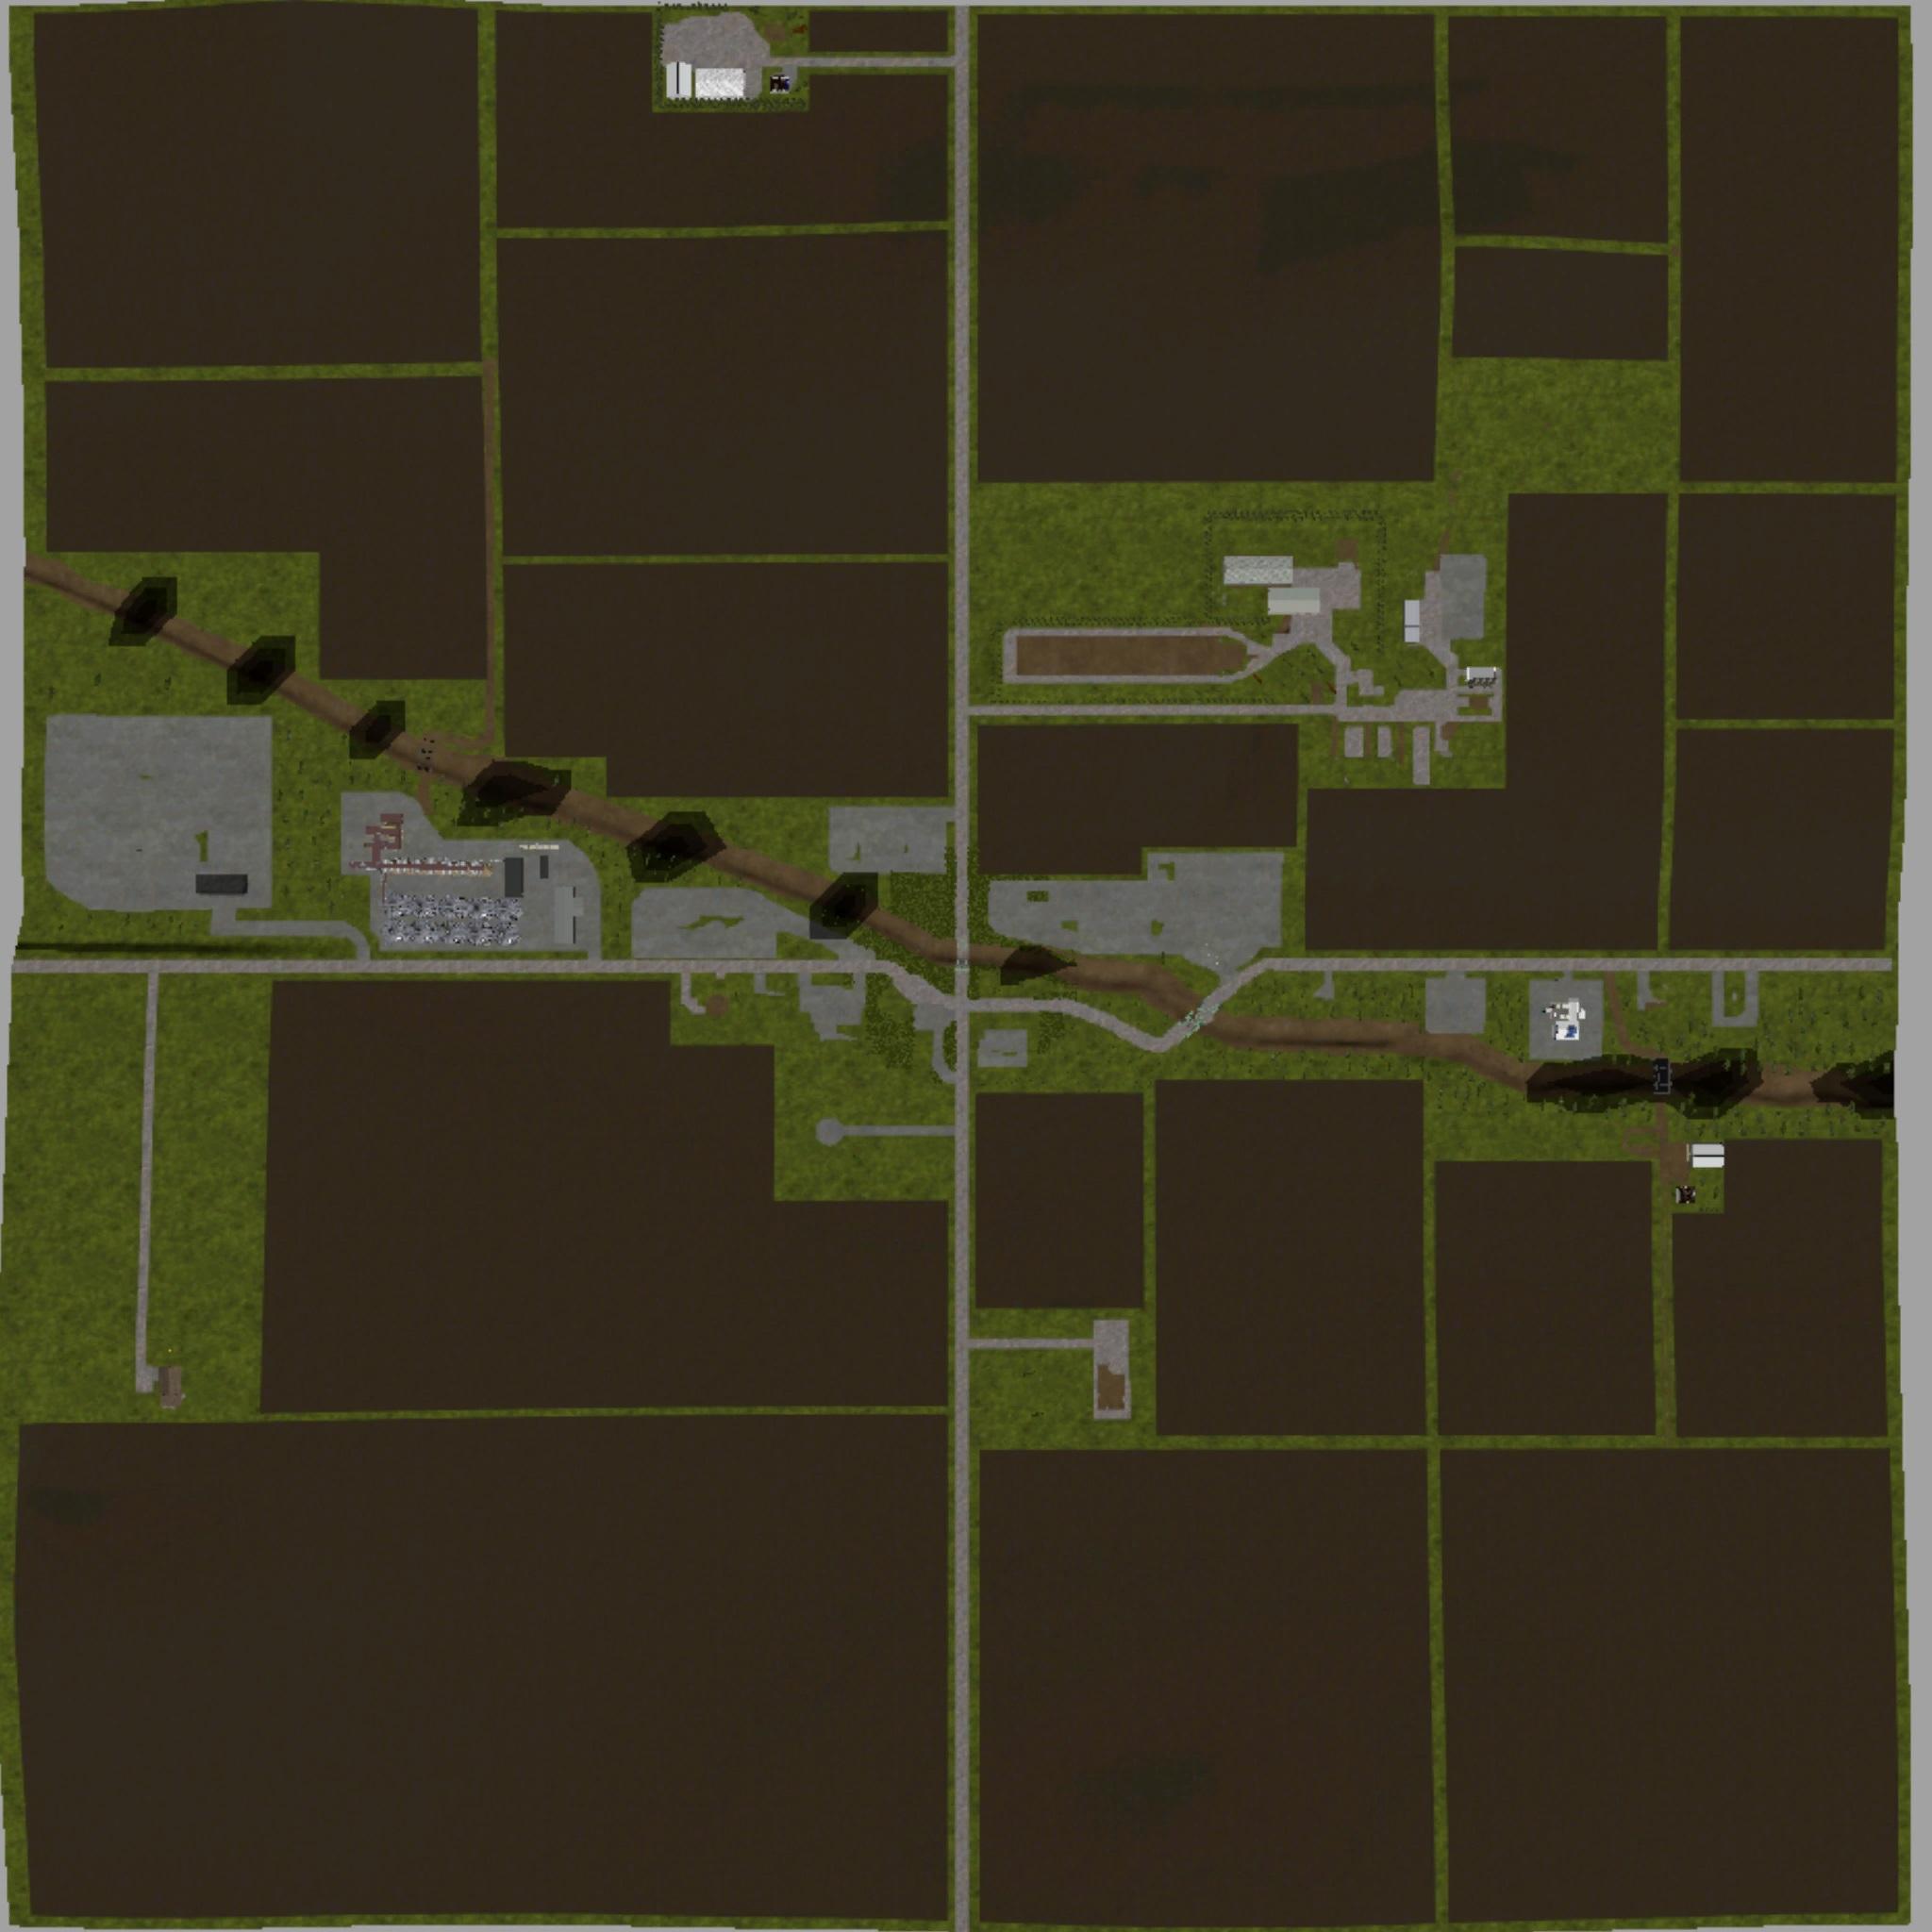 FS17 ELKHORN VALLEY V1 - Farming simulator 2019 / 2017